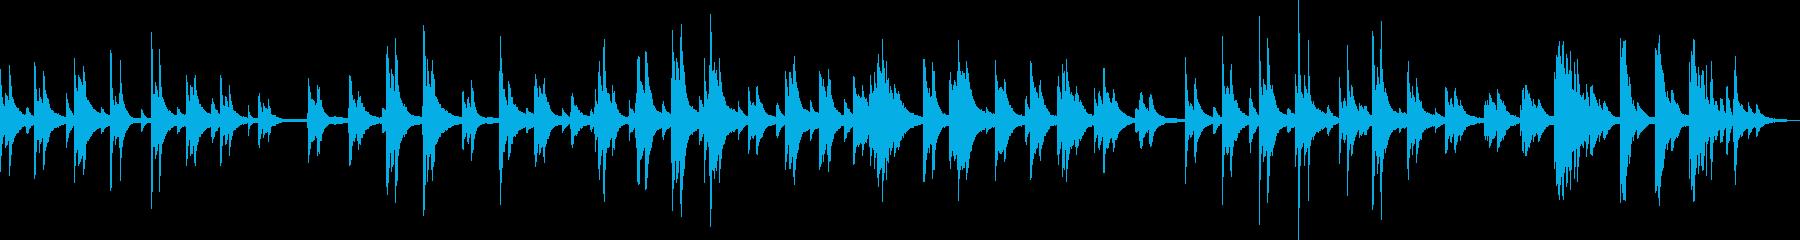 そっと包み込むような感動のピアノバラードの再生済みの波形